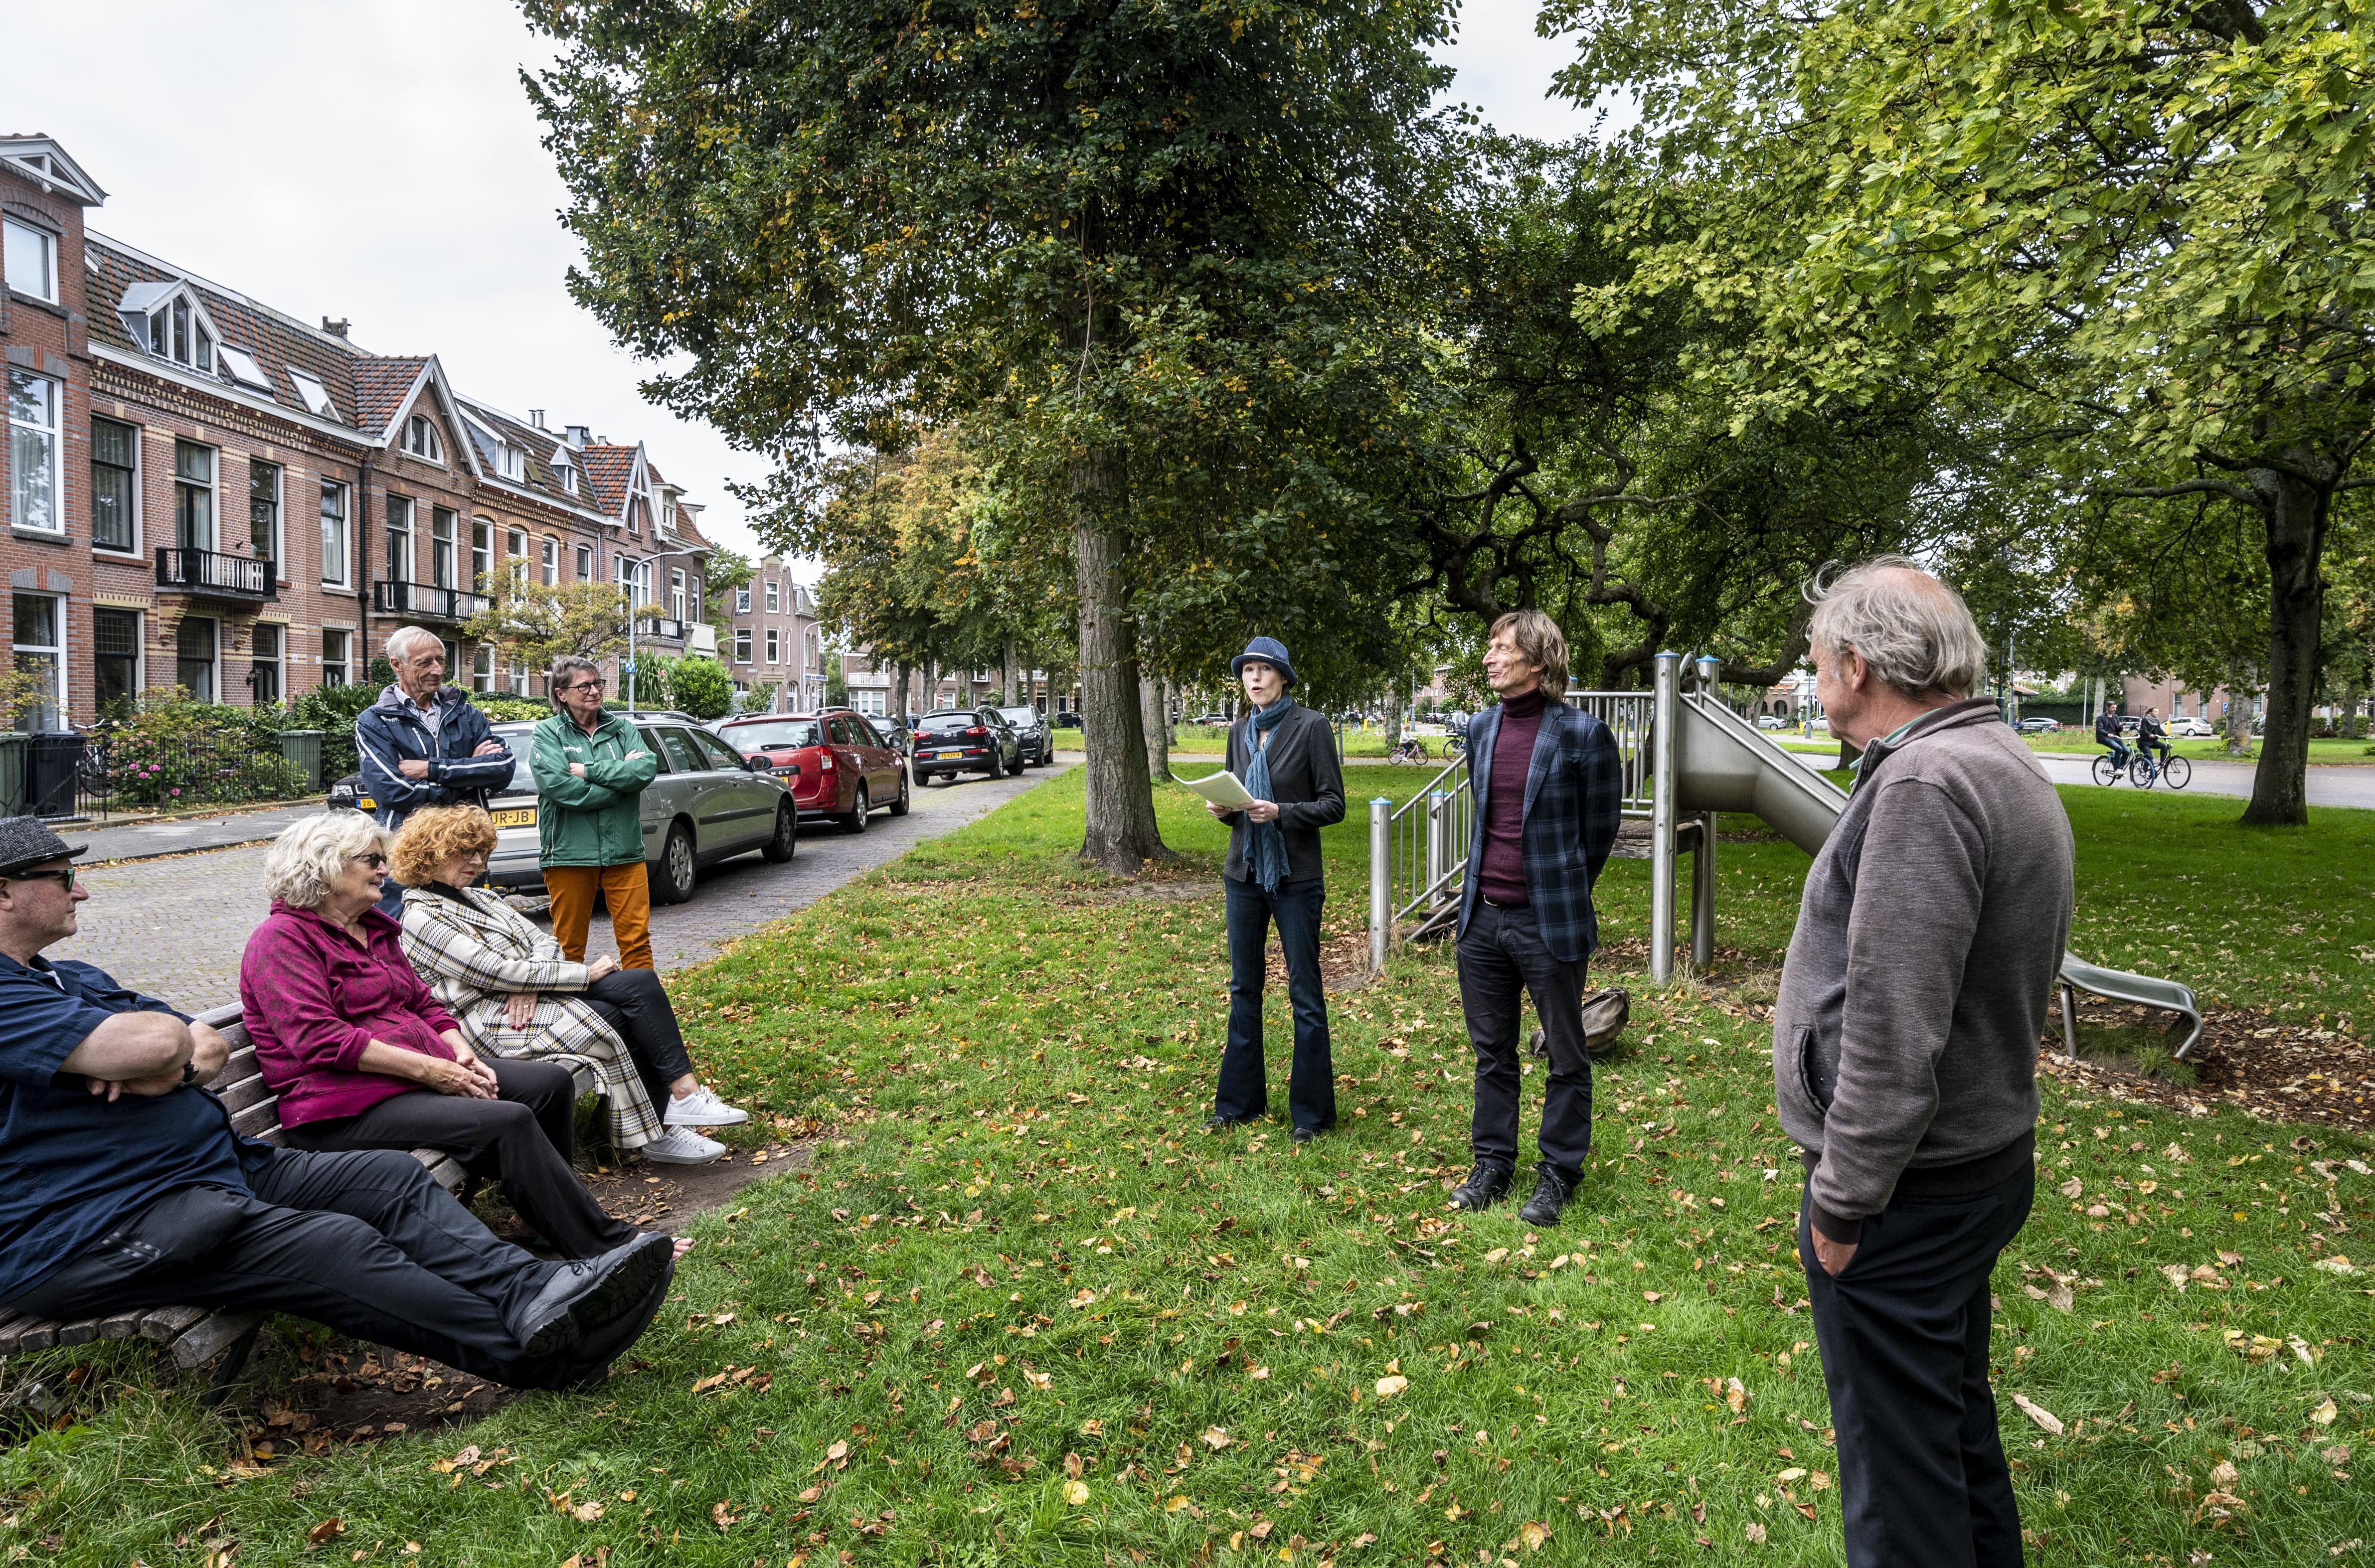 Kleverparkbuurt bezien door letter-ogen, literaire wandeling door de Haarlemse wijk